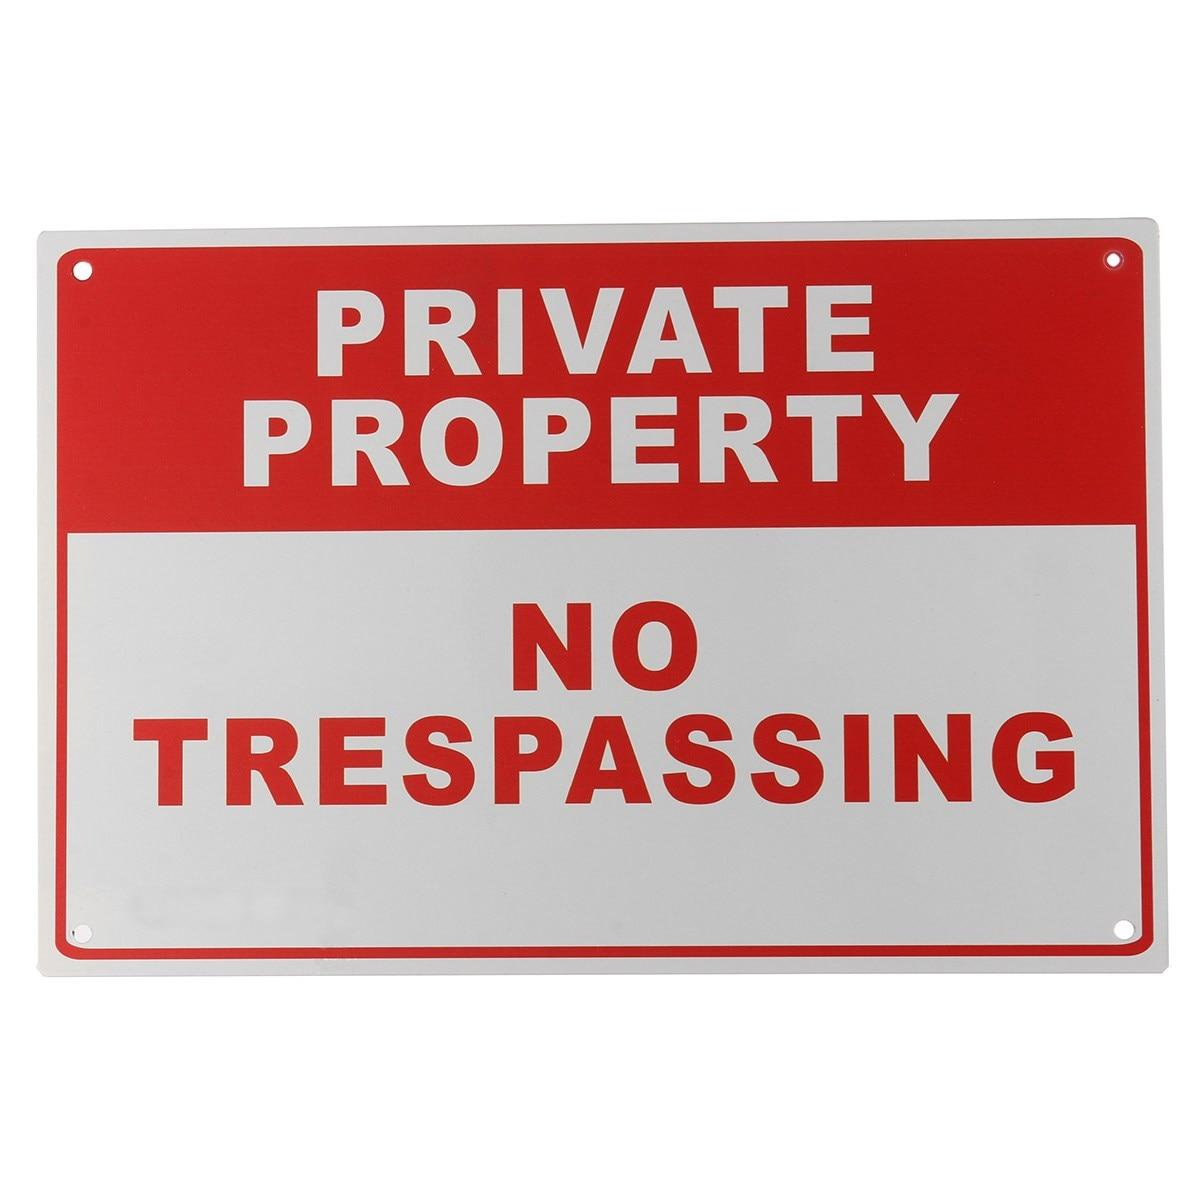 fba42bd5f9e Seguro propiedad privada no trespassing metal Seguridad advertencia 4  agujero perforado 20x30 cm seguridad